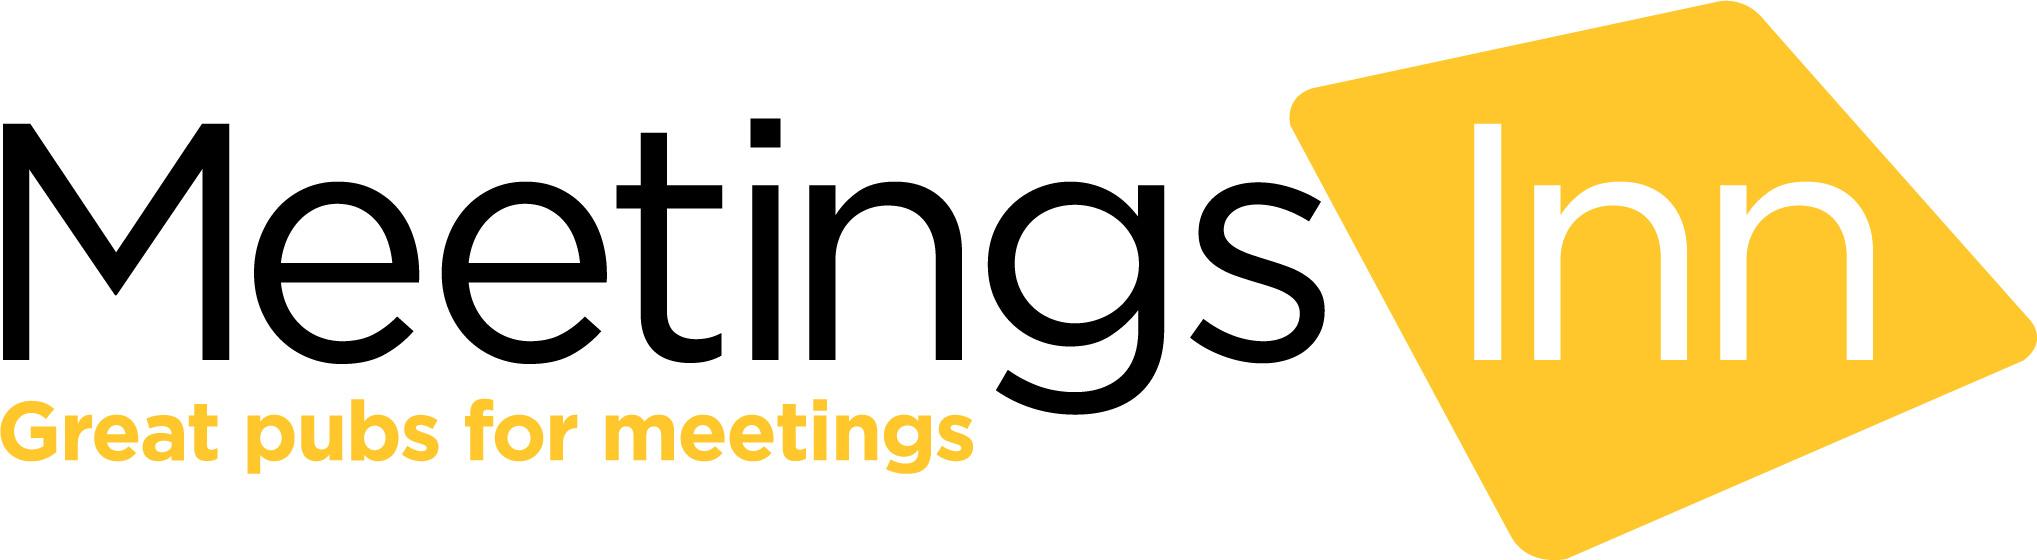 MeetingsInn-Logo-Hi-Res-[LARGE]